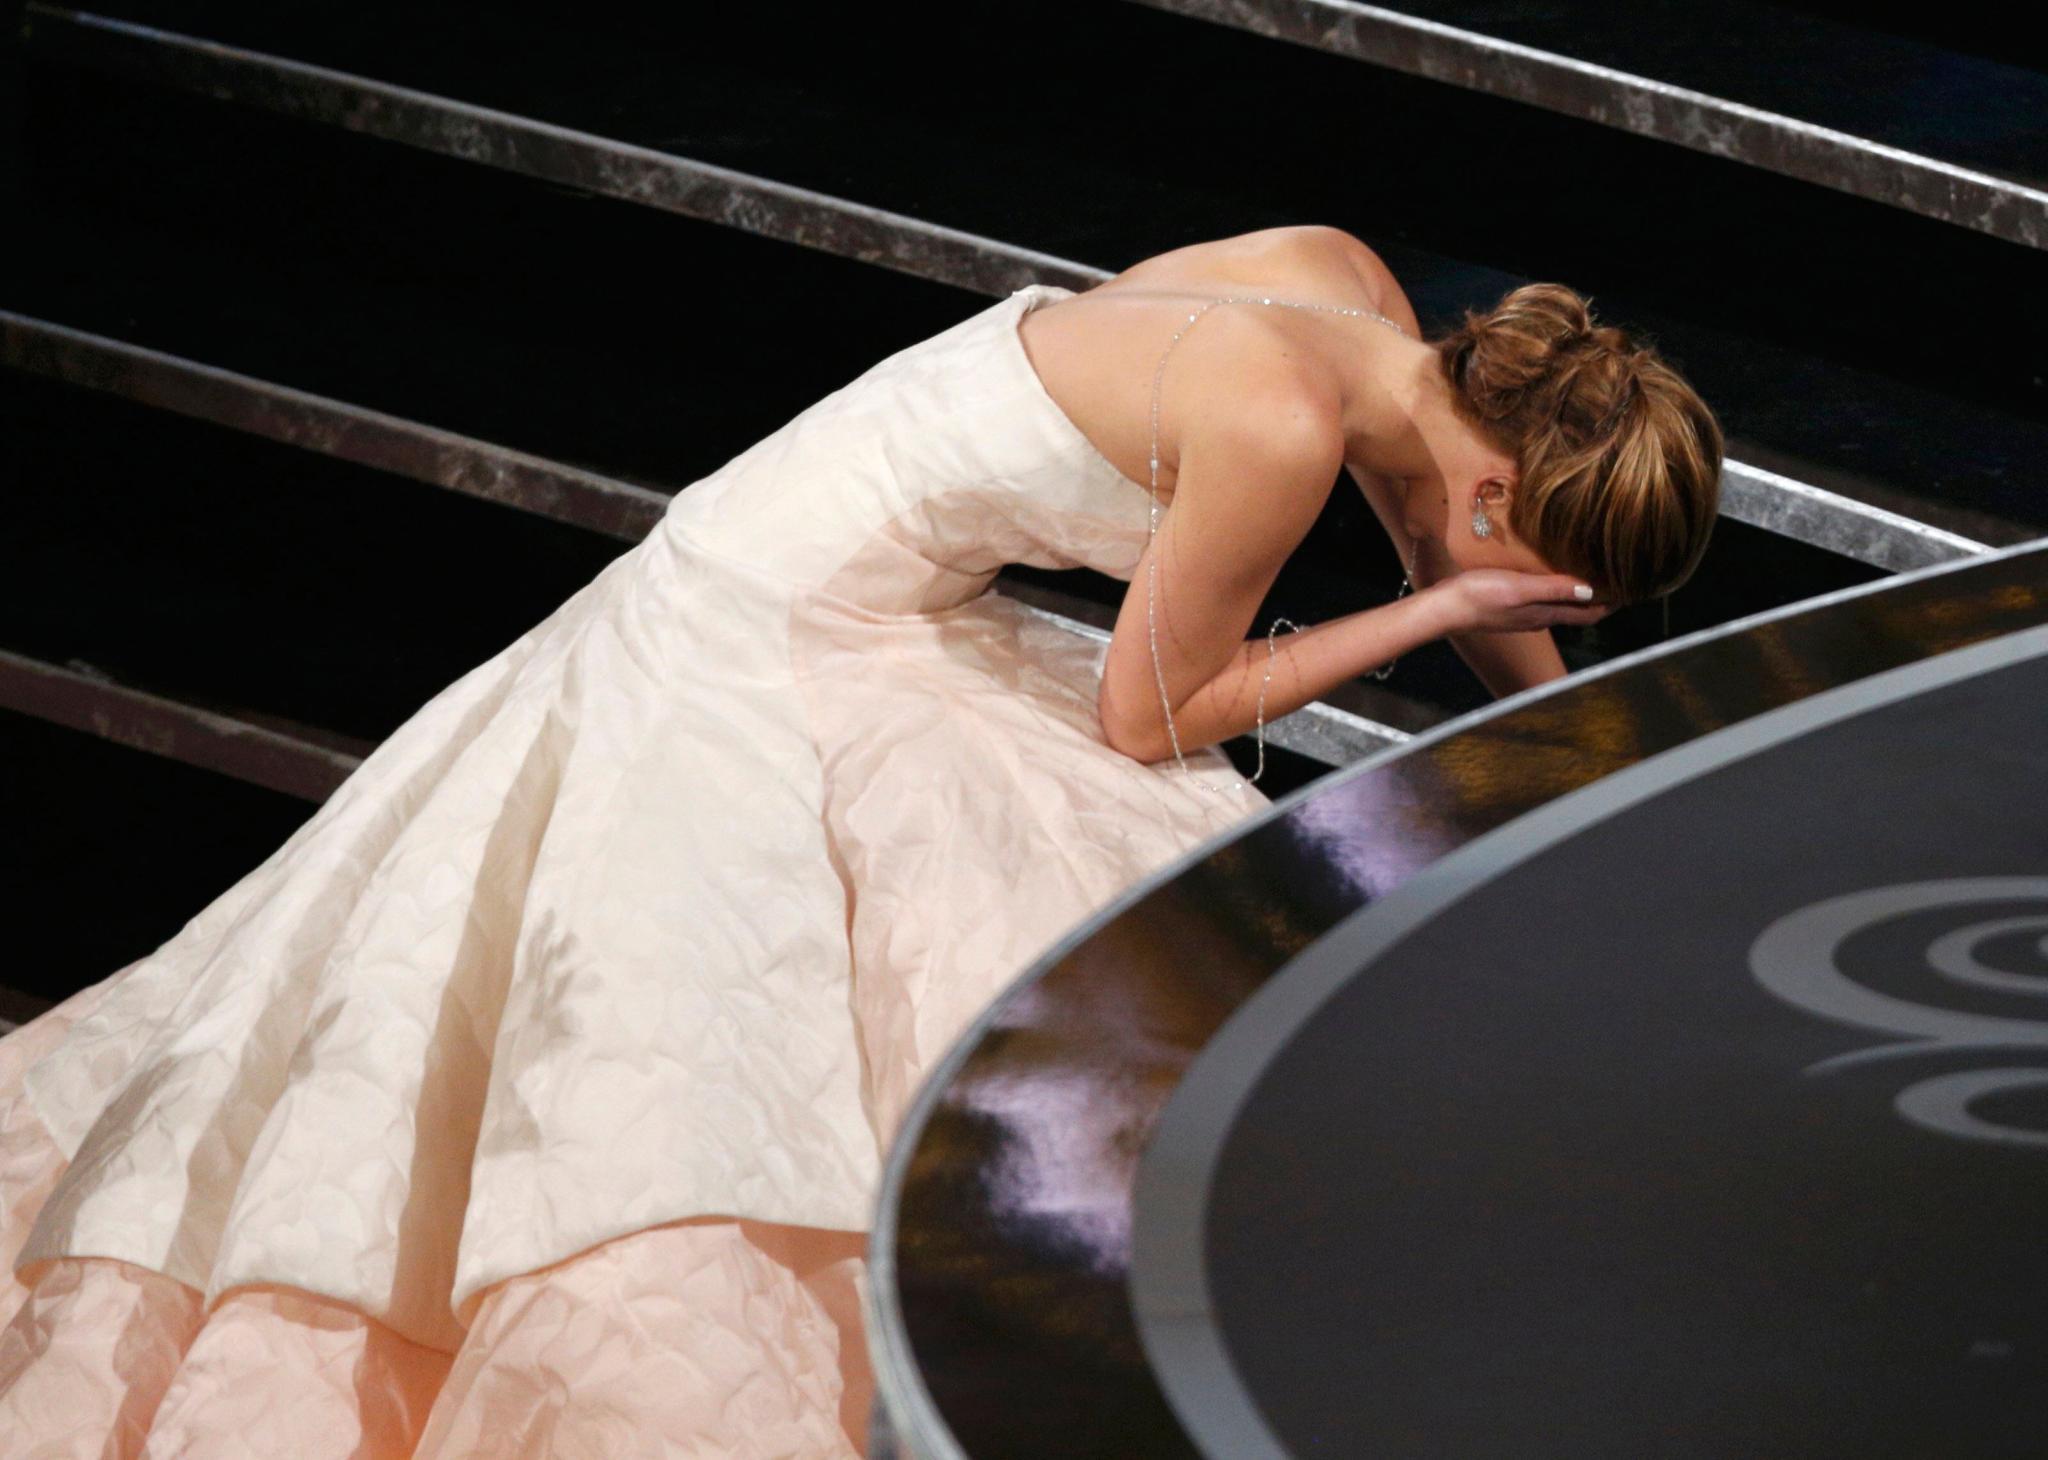 """Auf dem Weg zu ihrem Oscar kommt Jennifer Lawrence ins Straucheln. """"Ihr steht doch alle nur auf, weil ich hingefallen bin und ich euch leid tue. Das war peinlich"""", sagt sie spontan vor ihrer Dankesrede. Ein schlimmes Wort, das mit """"F"""" anfängt sei ihr in diesem Moment durch den Kopf gegangen, erzählt sie später lachend den Reportern."""